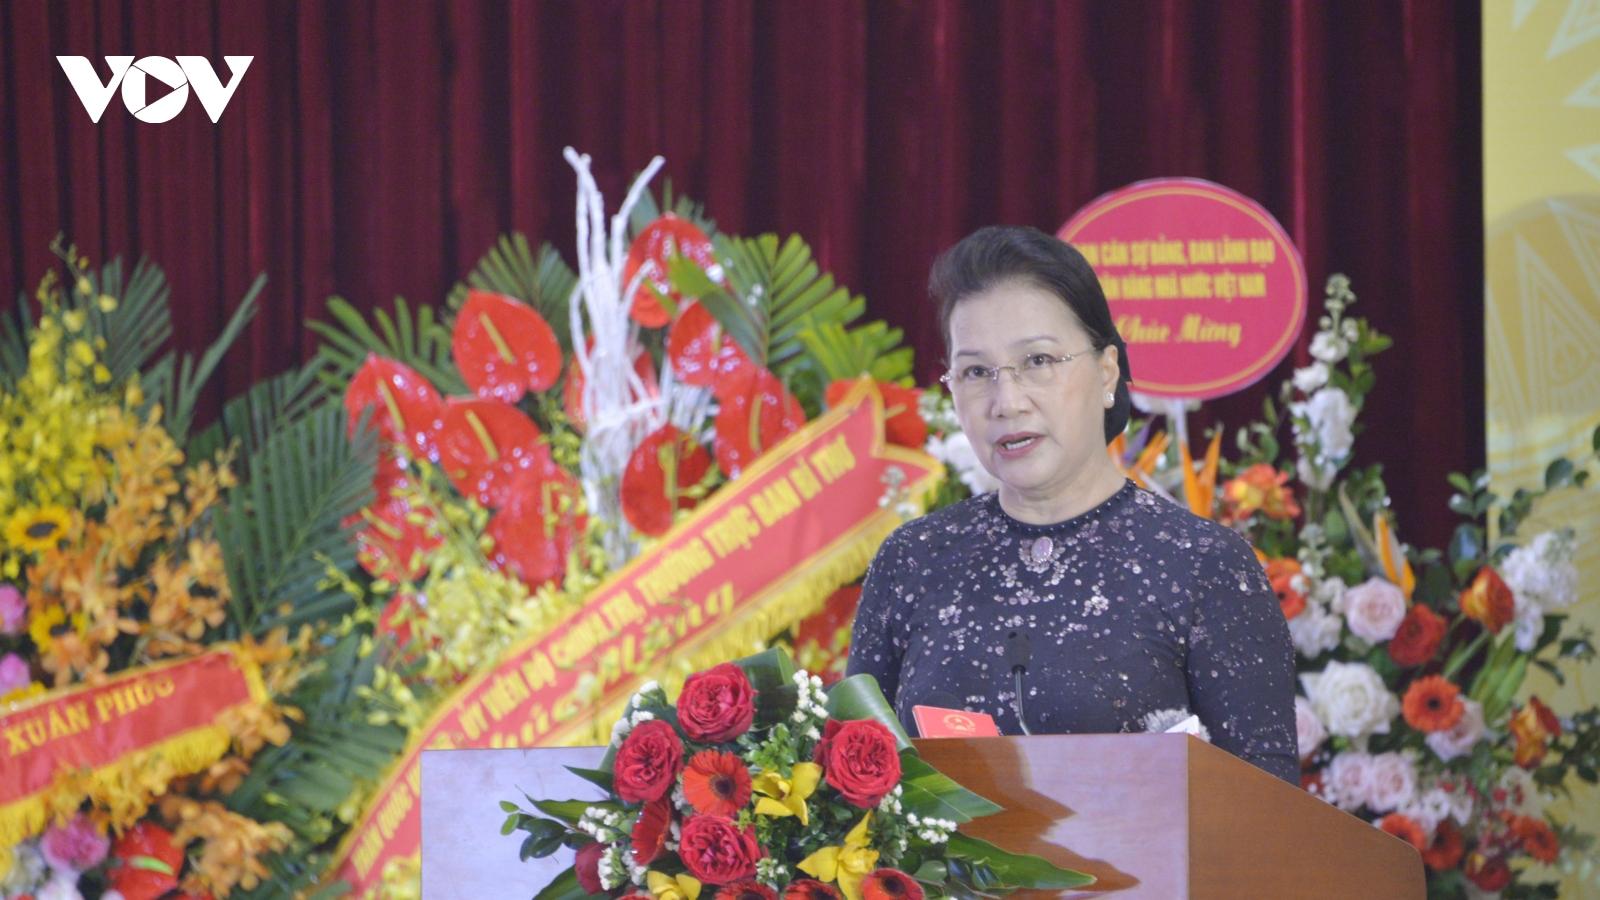 Chủ tịch Quốc hội dự Đại hội thi đua yêu nước ngành Ngân hàng lần thứ VIII